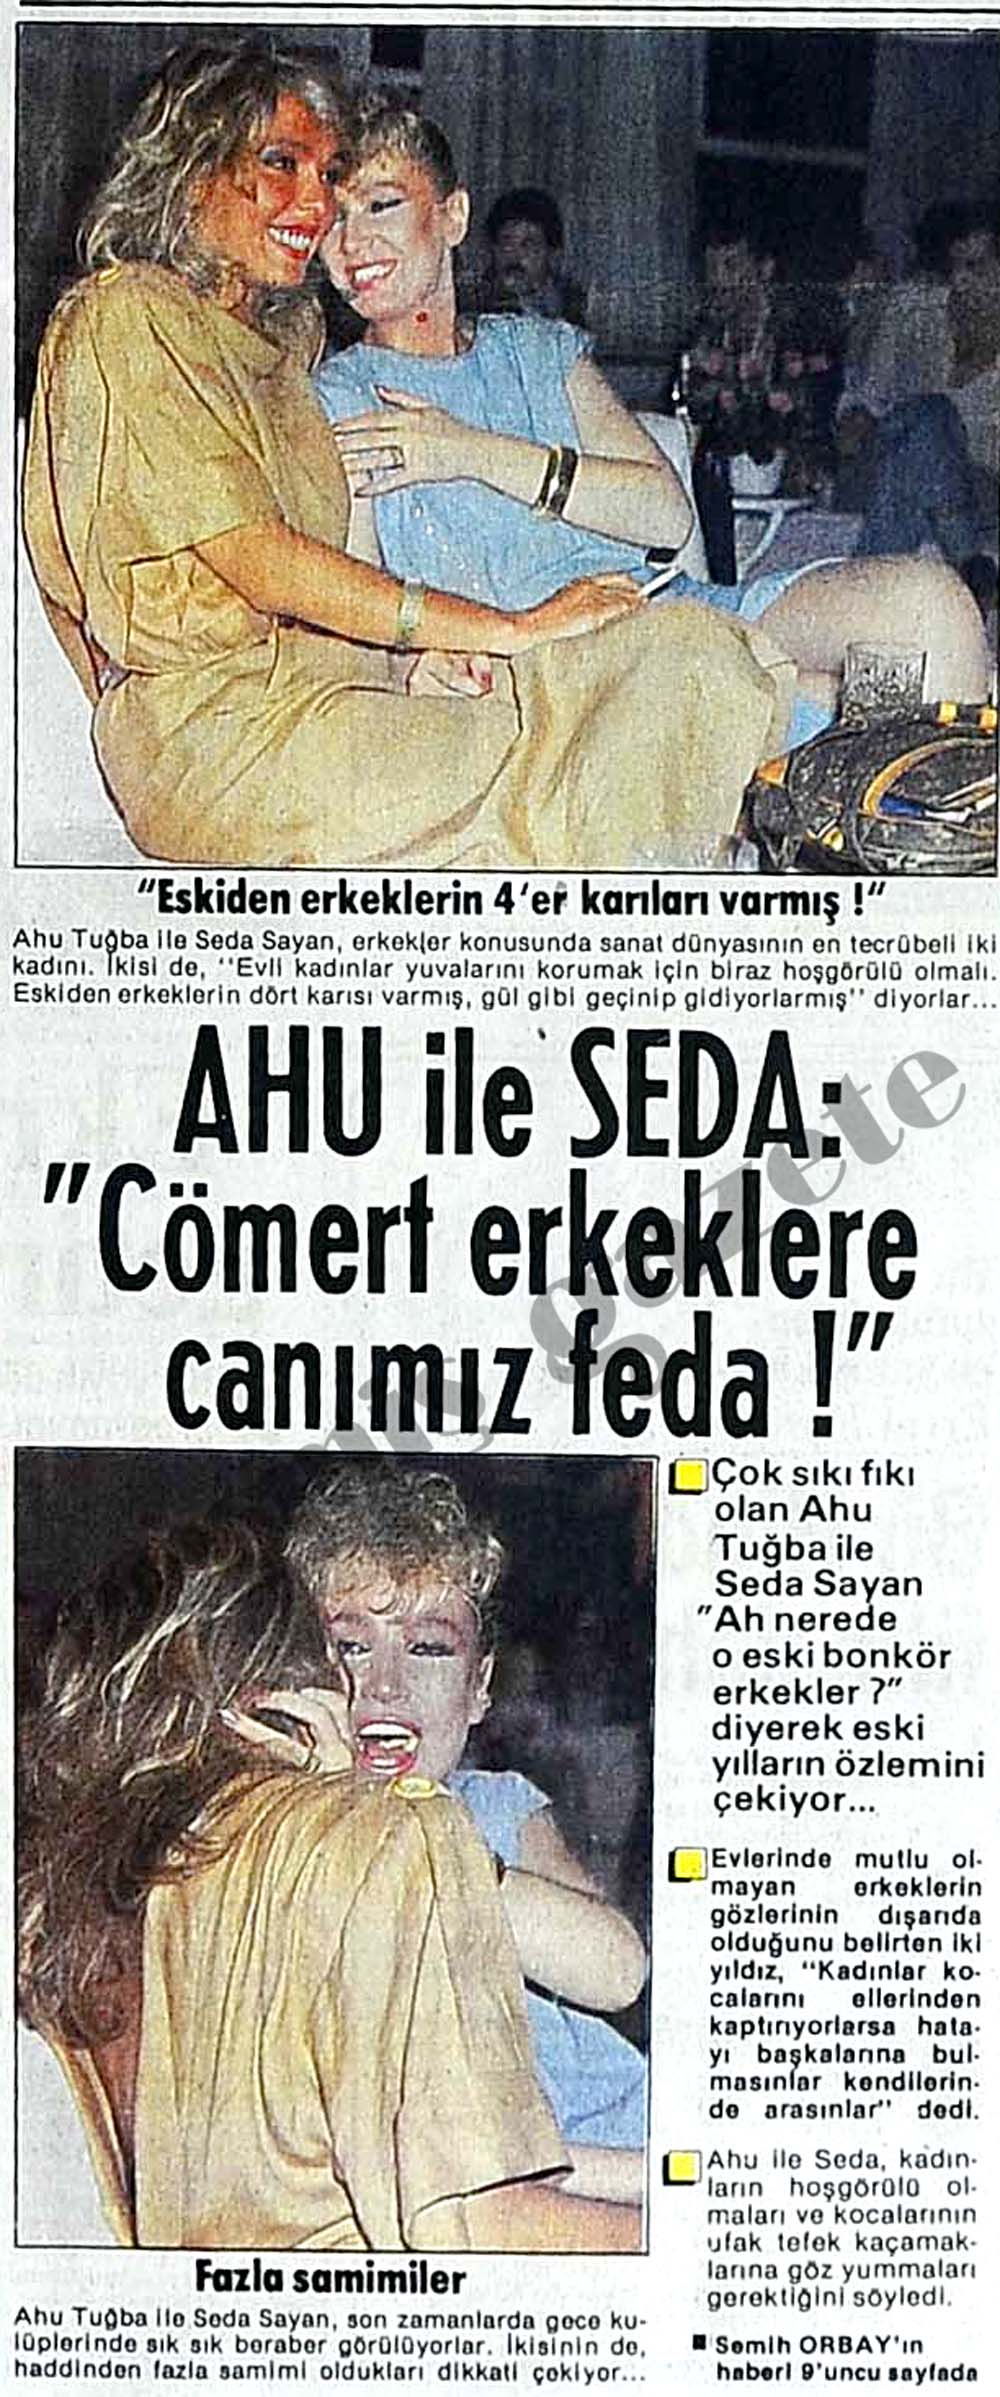 Ahu ile Seda